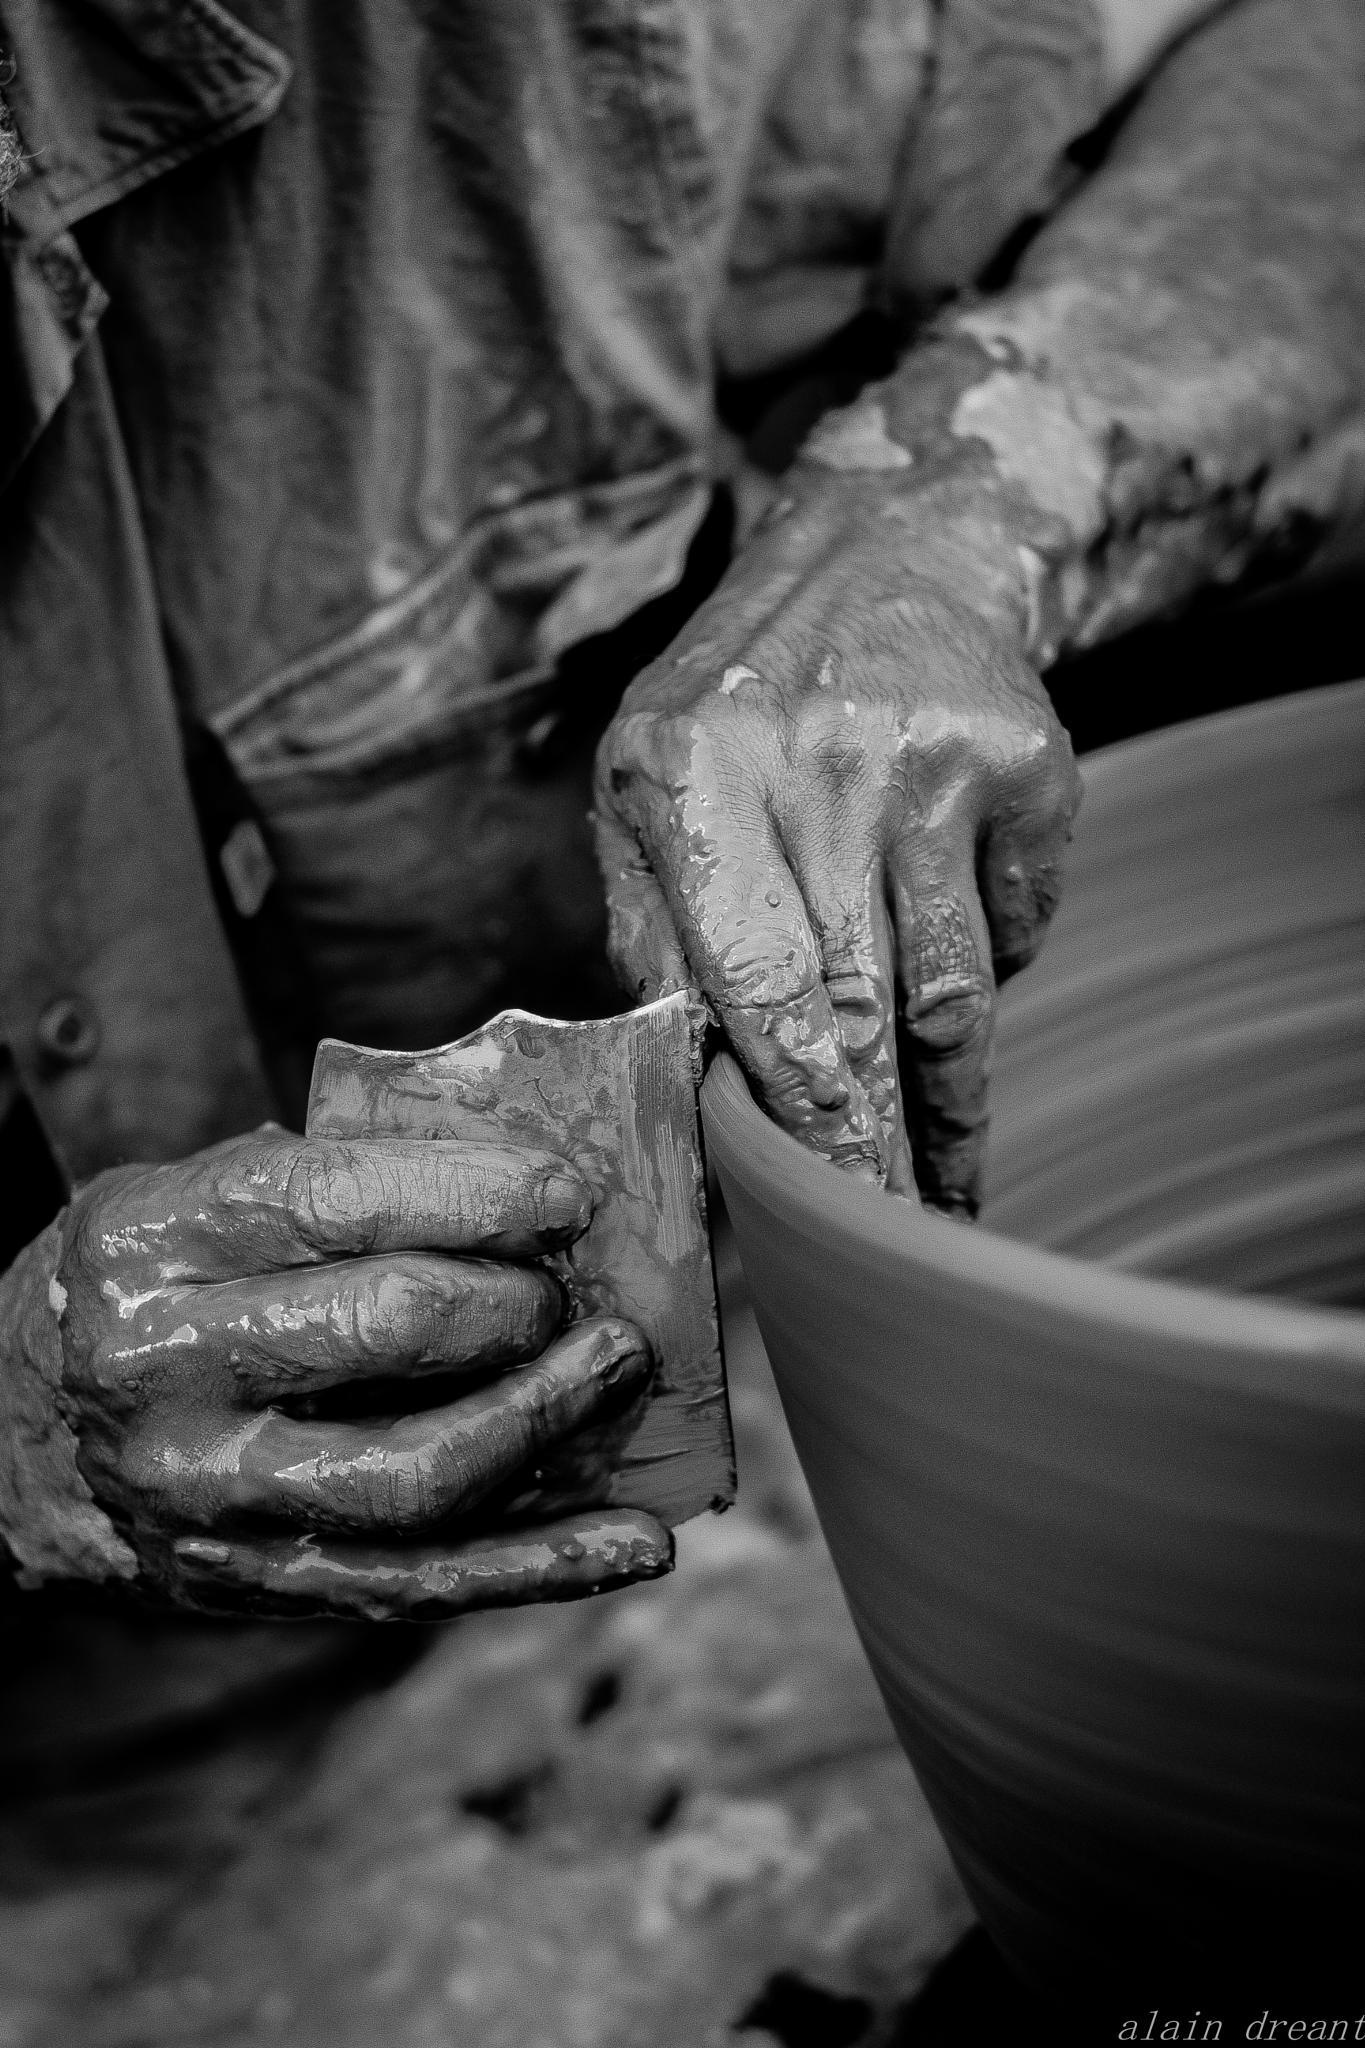 mains du potier  by alaindreant